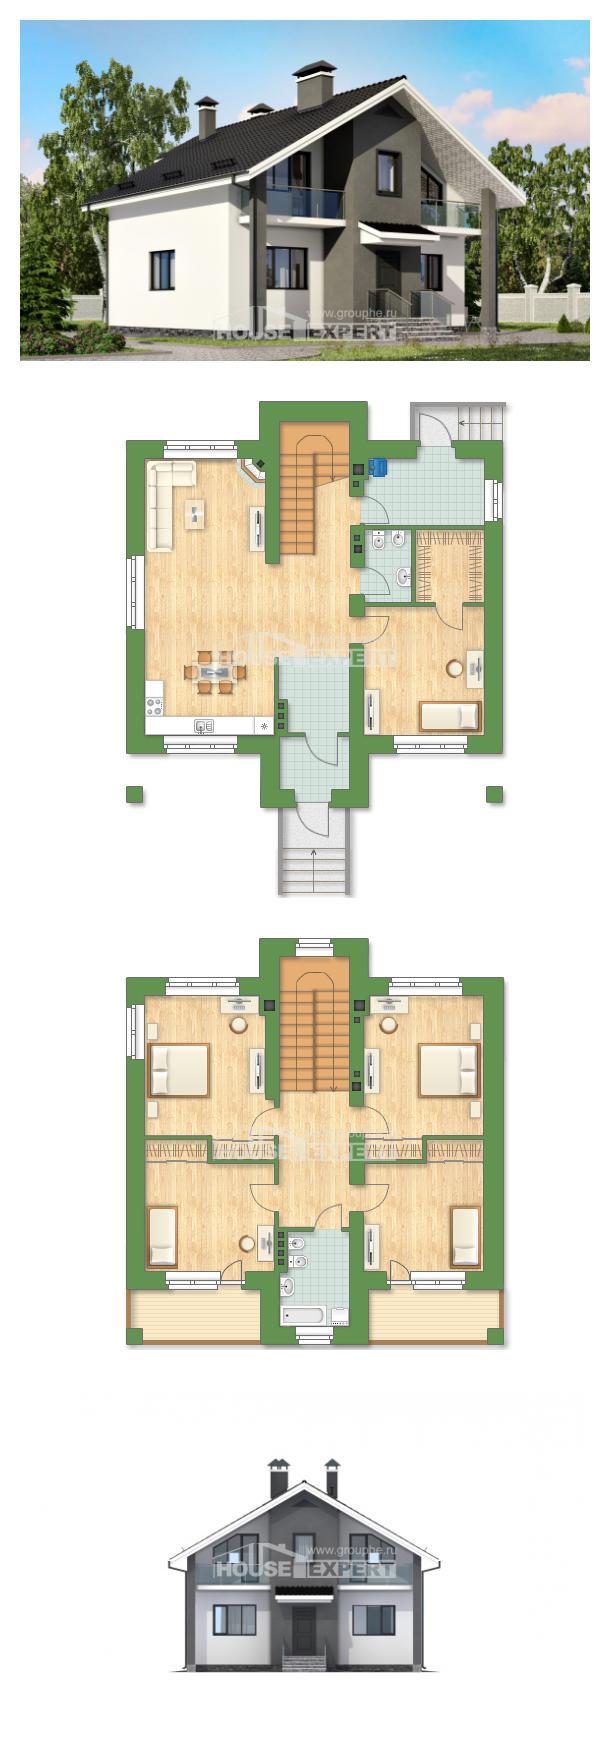 خطة البيت 150-005-L | House Expert